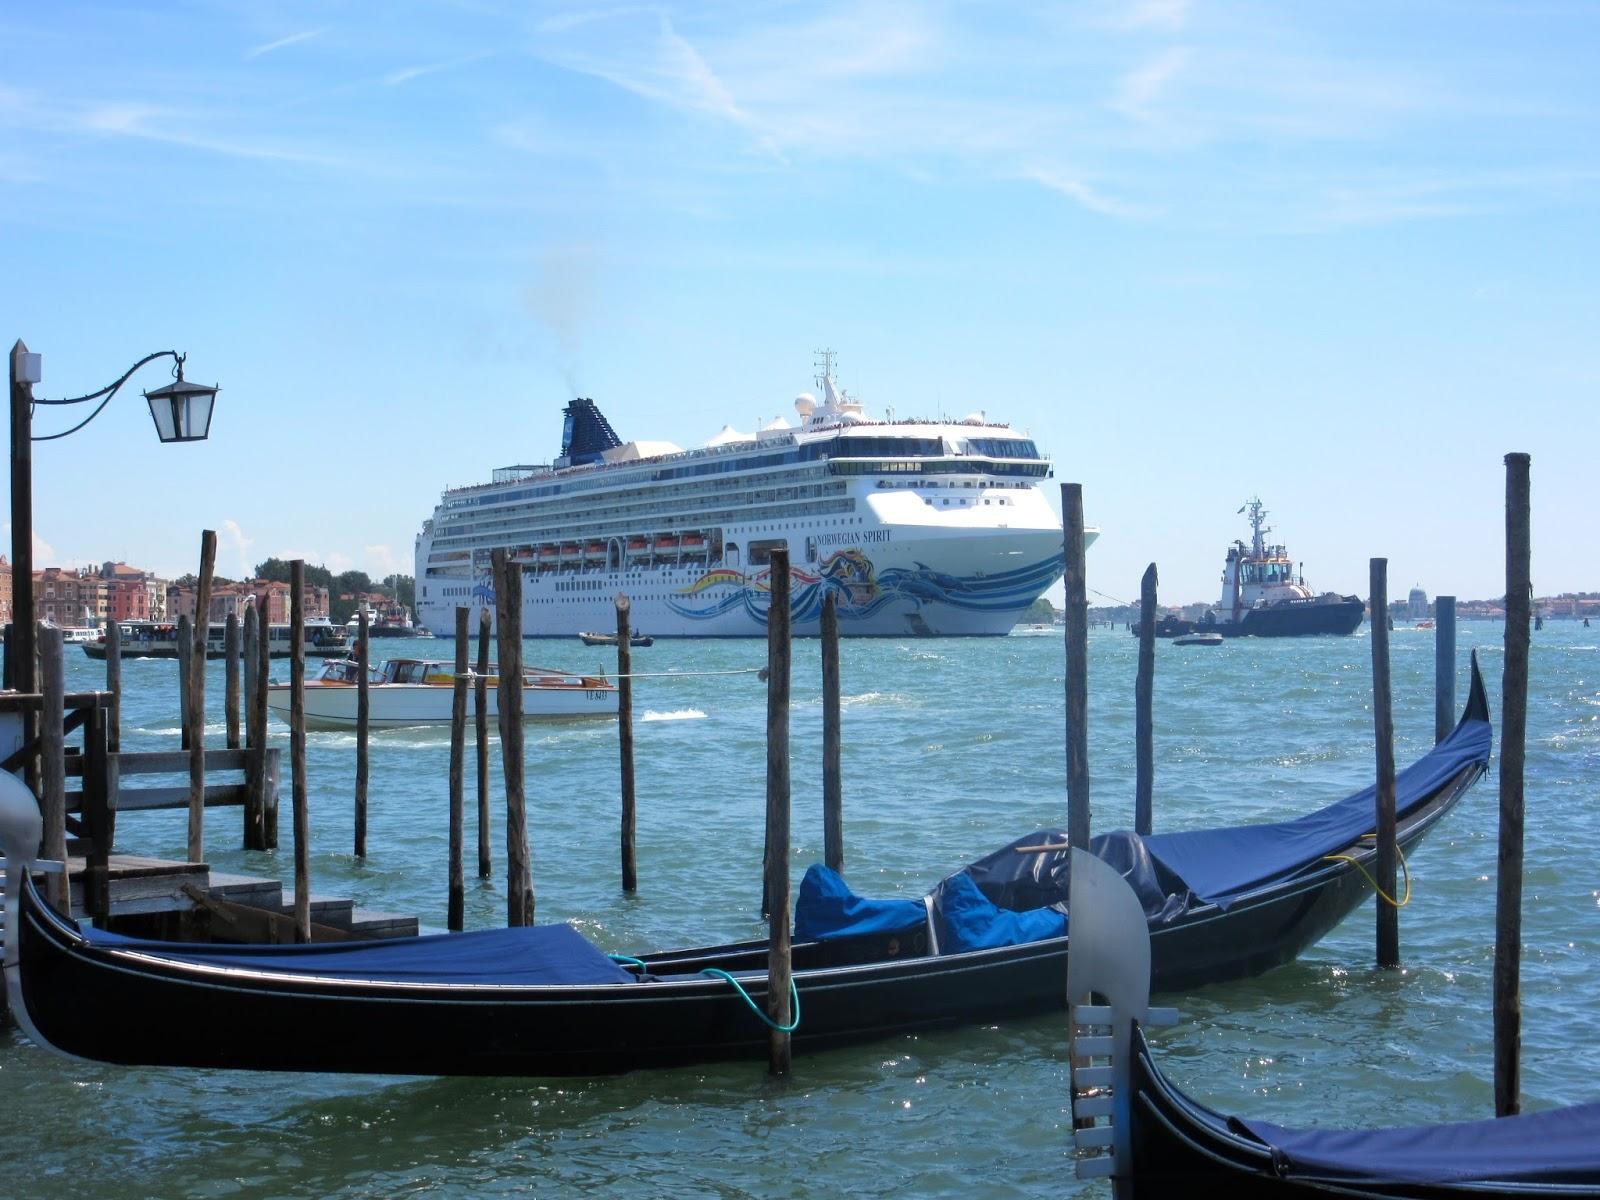 Destination Fiction Venice Queen Of The Seas - Queen of the seas cruise ship